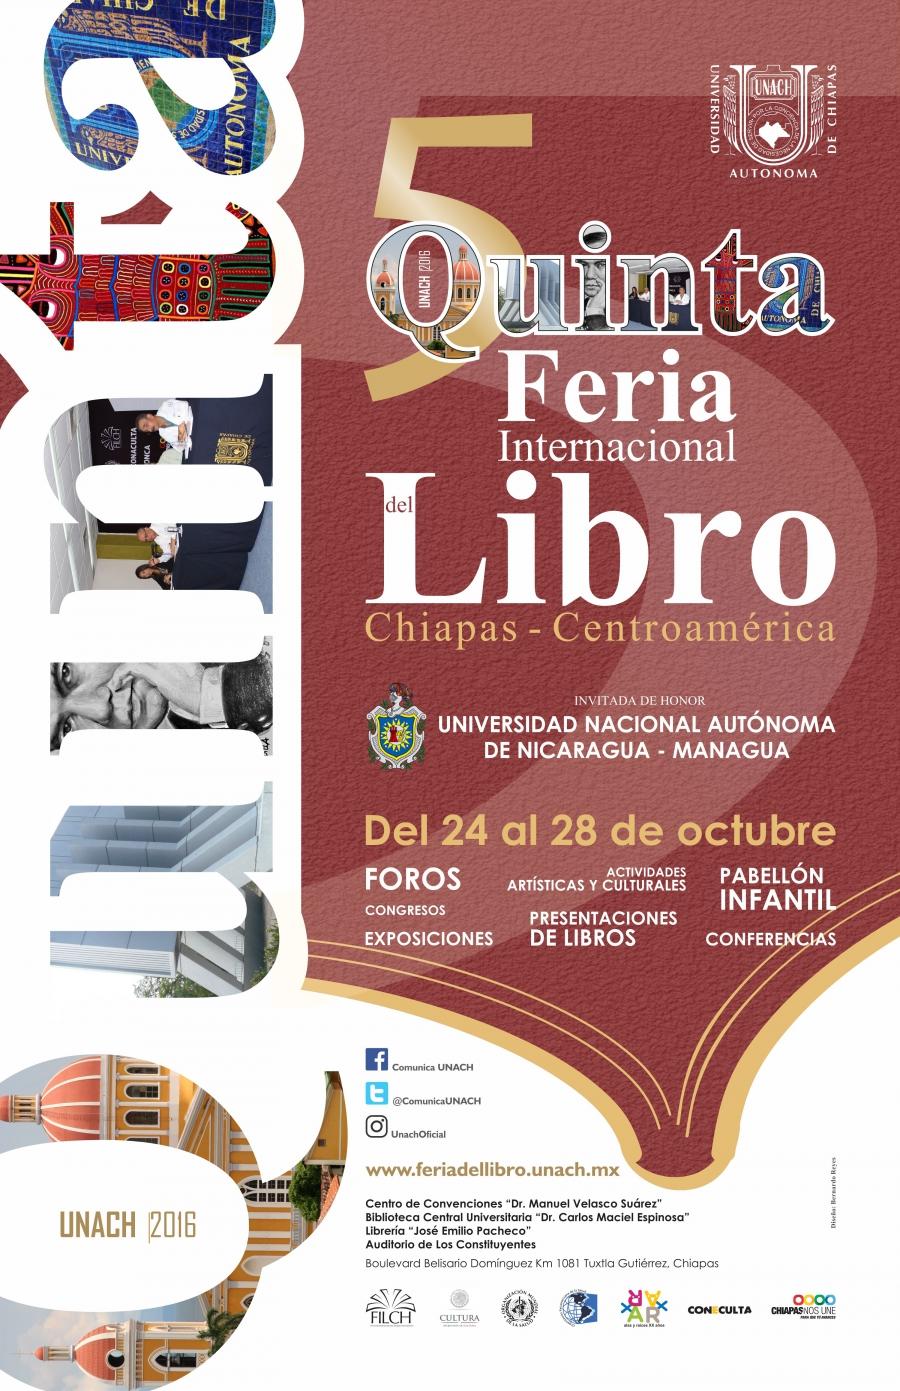 Inician las actividades de la Quinta Feria Internacional del Libro Chiapas-Centroamérica